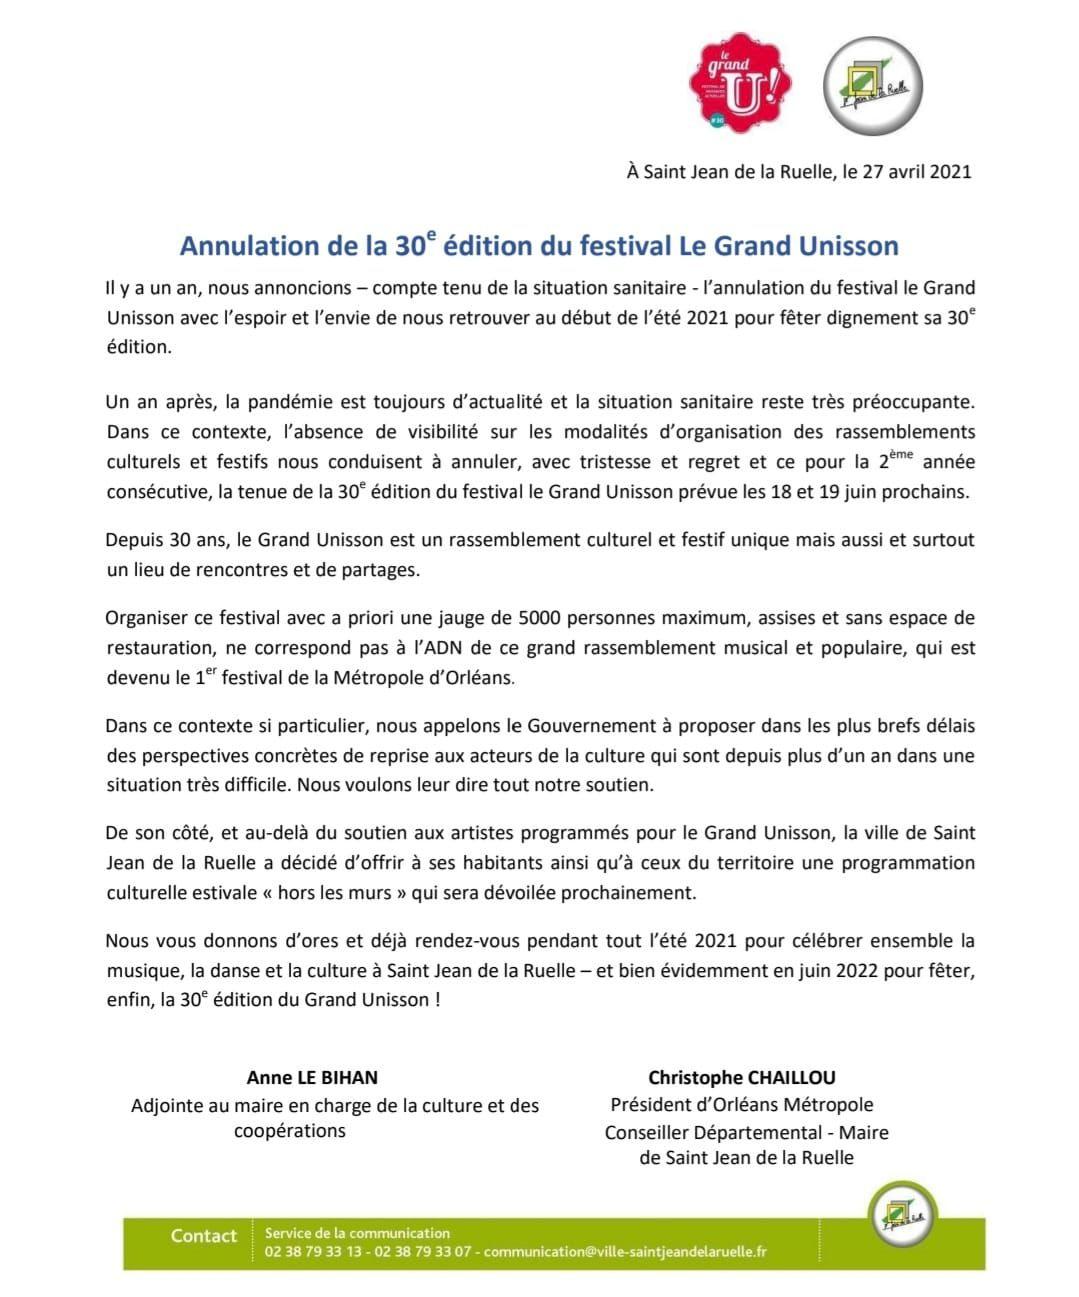 La ville de St Jean de la ruelle ANNULE L'ÉDITION 2021 DU FESTIVAL GRAND UNISSON